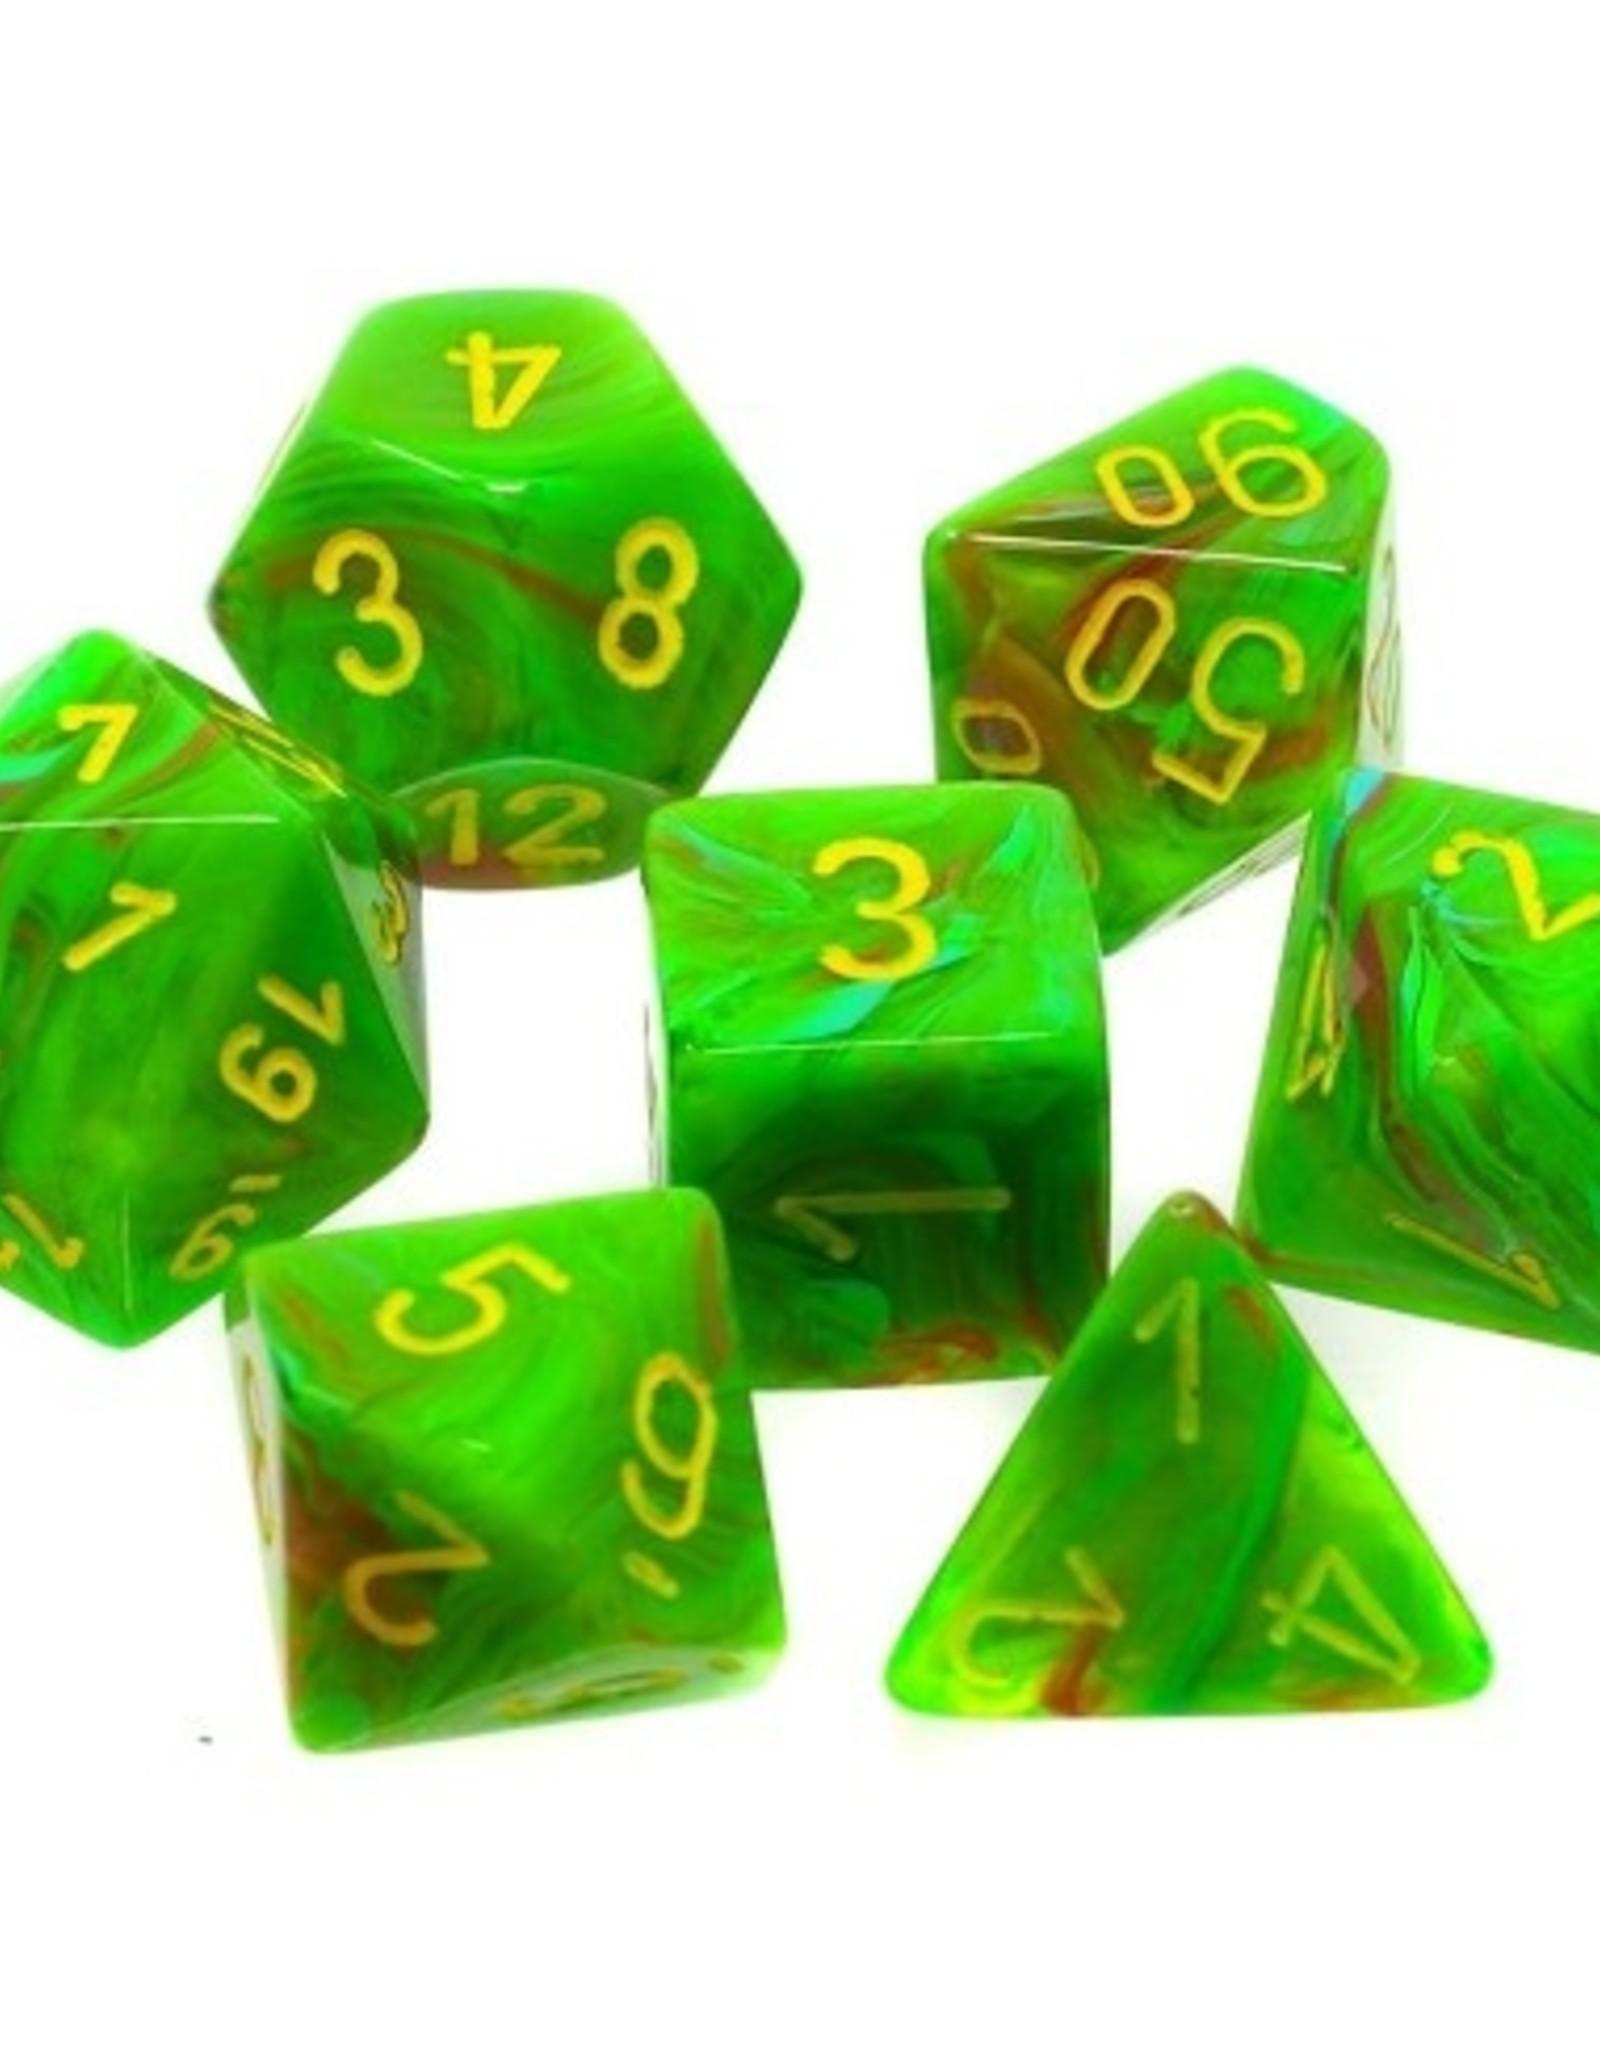 Chessex Chessex 7-Die set Vortex - Slime/Yellow